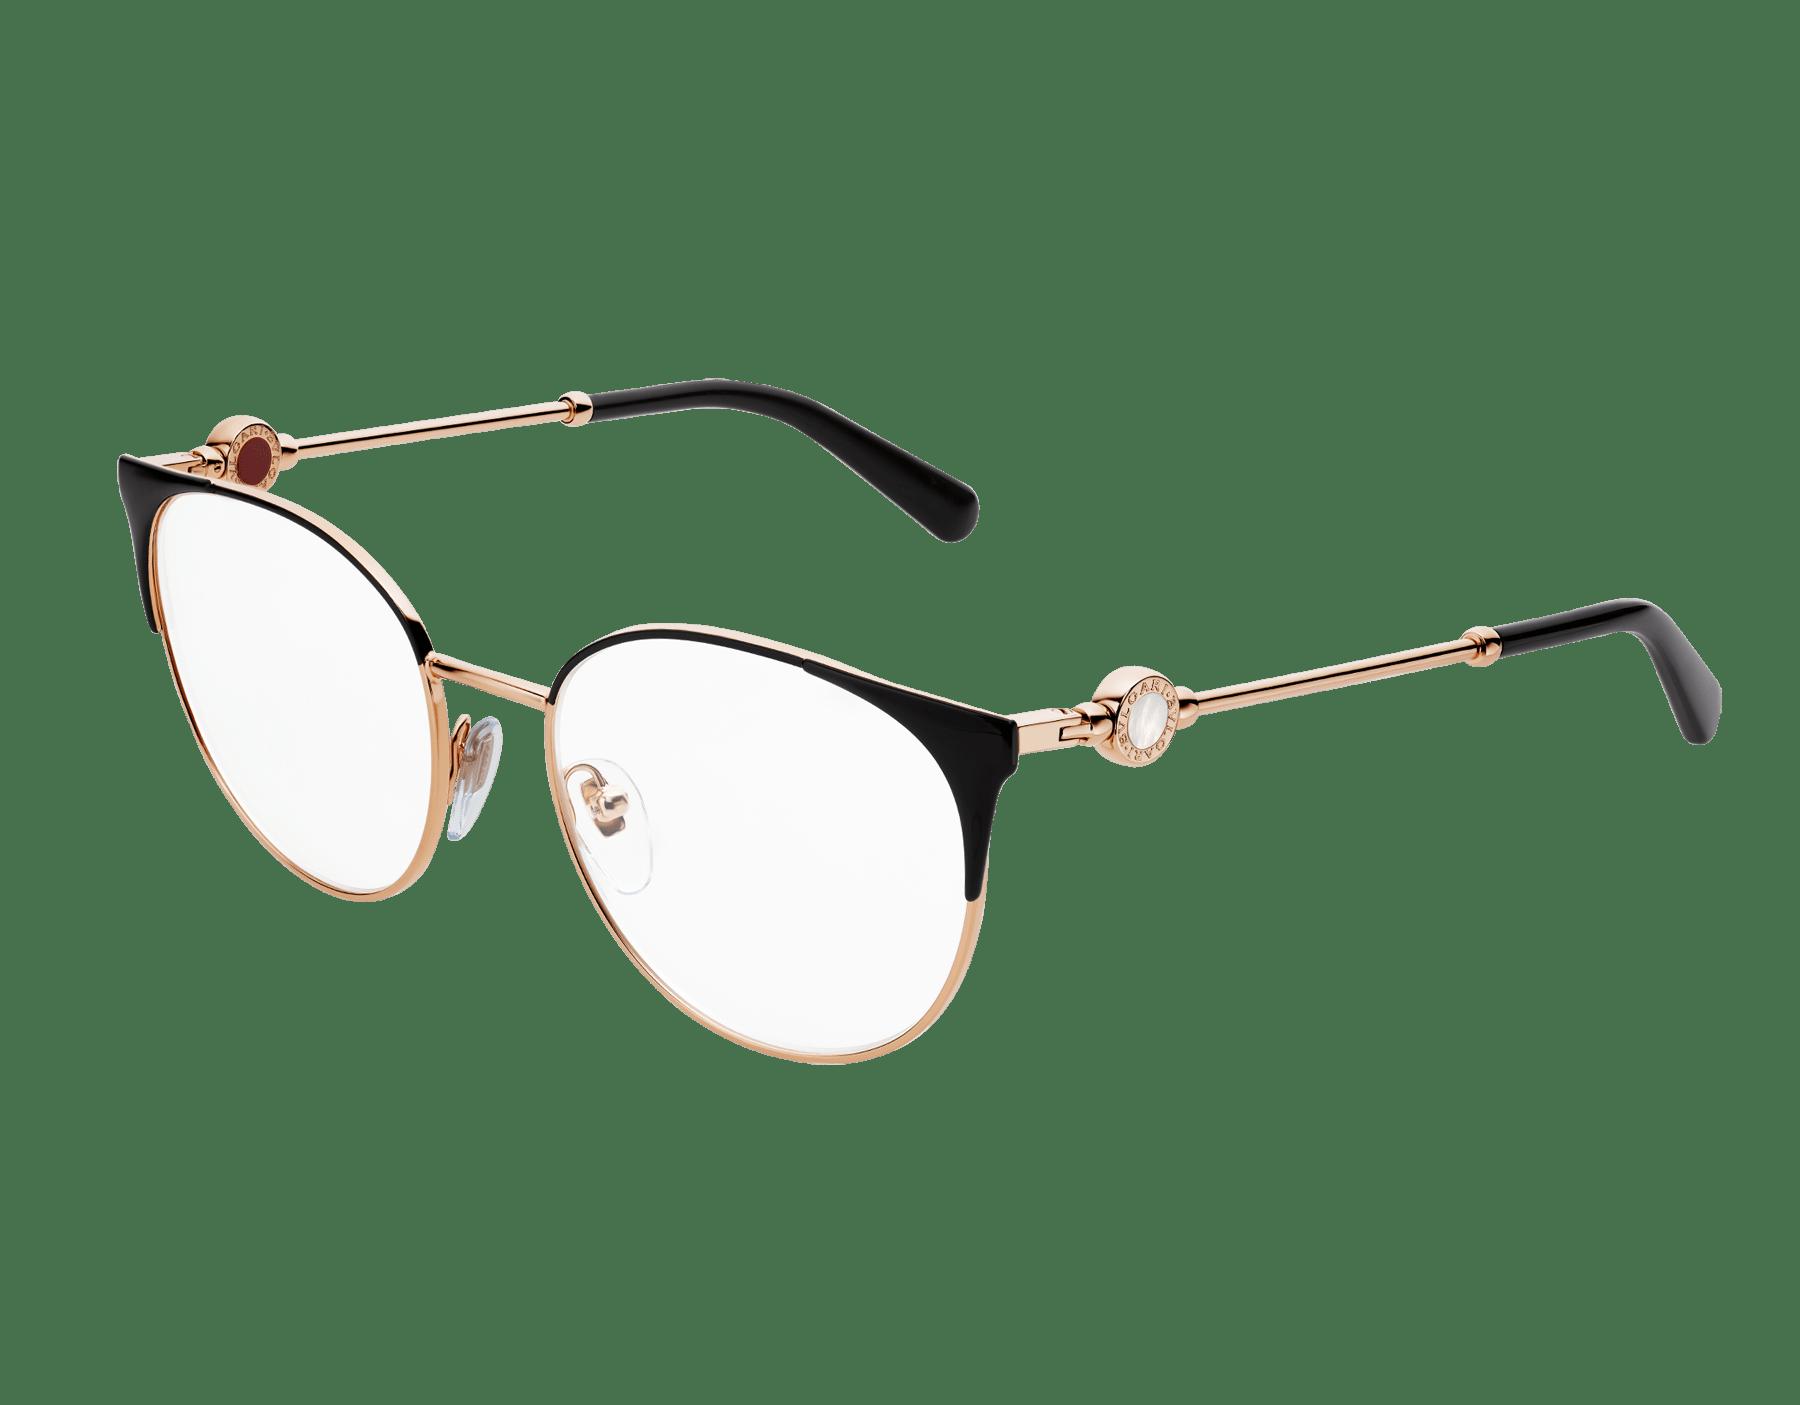 Runde Bvlgari Bvlgari Brille aus Metall. 903553 image 1